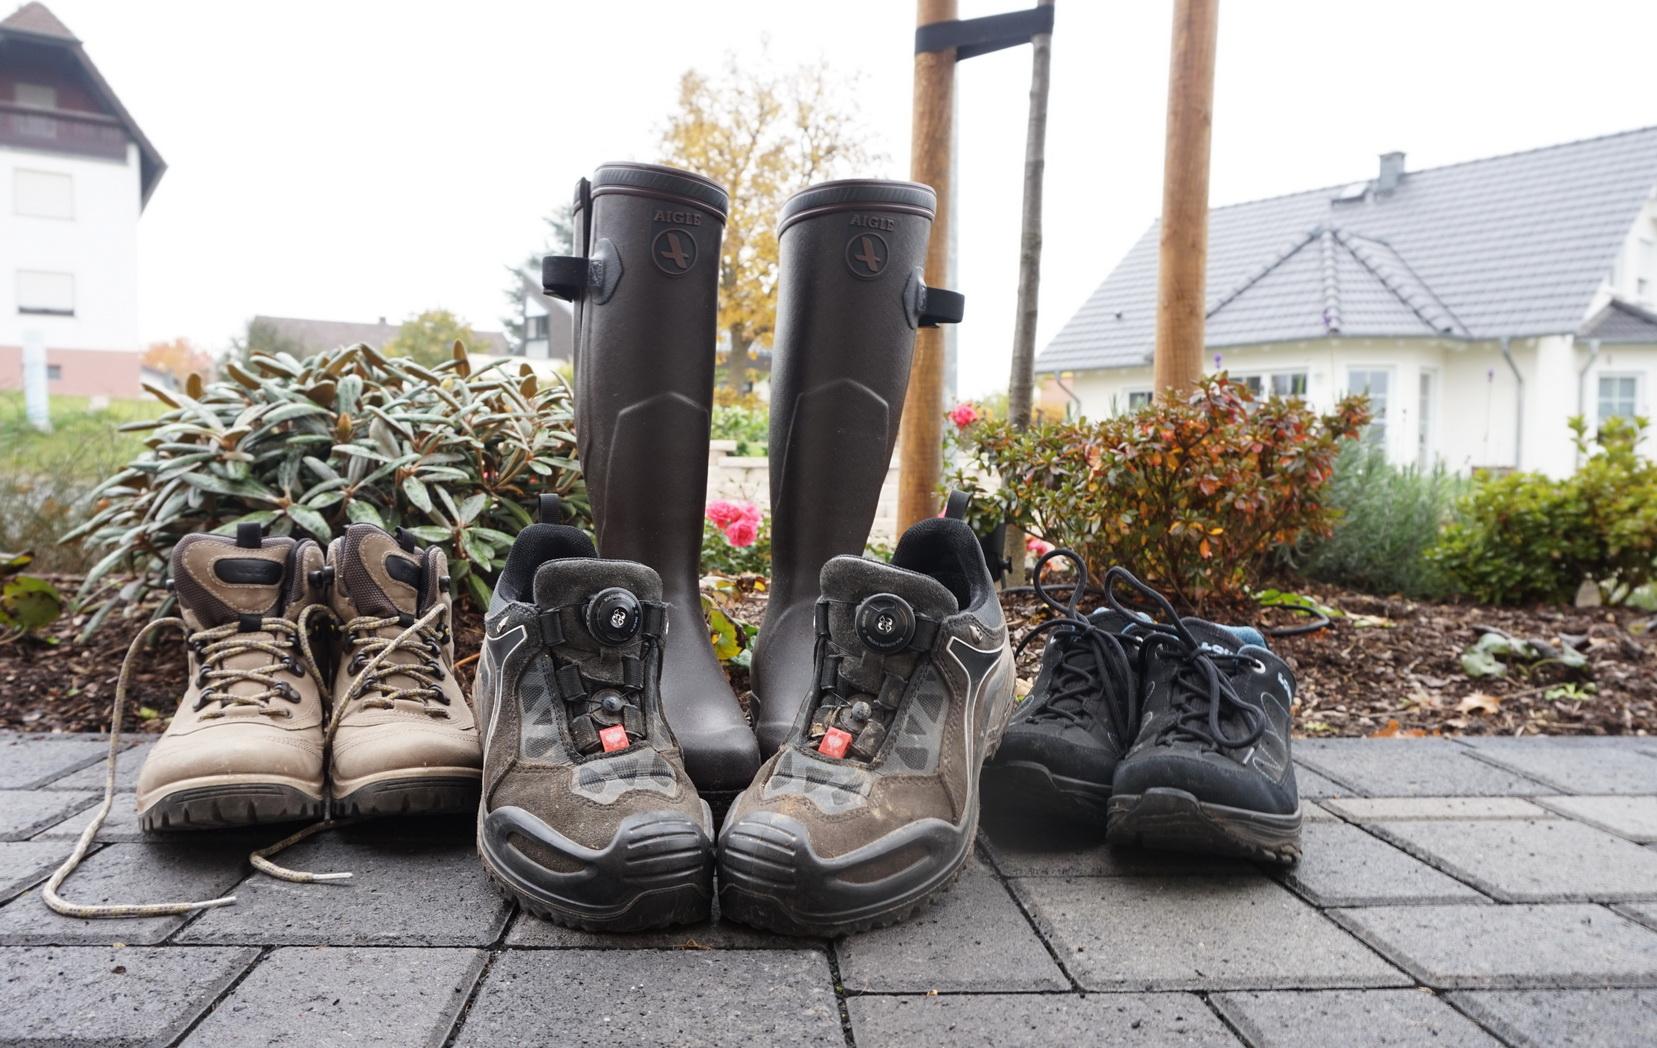 Ob ich wirklich alle Schuhe mitnehme, entscheide ich kurz vor der Abfahrt ...